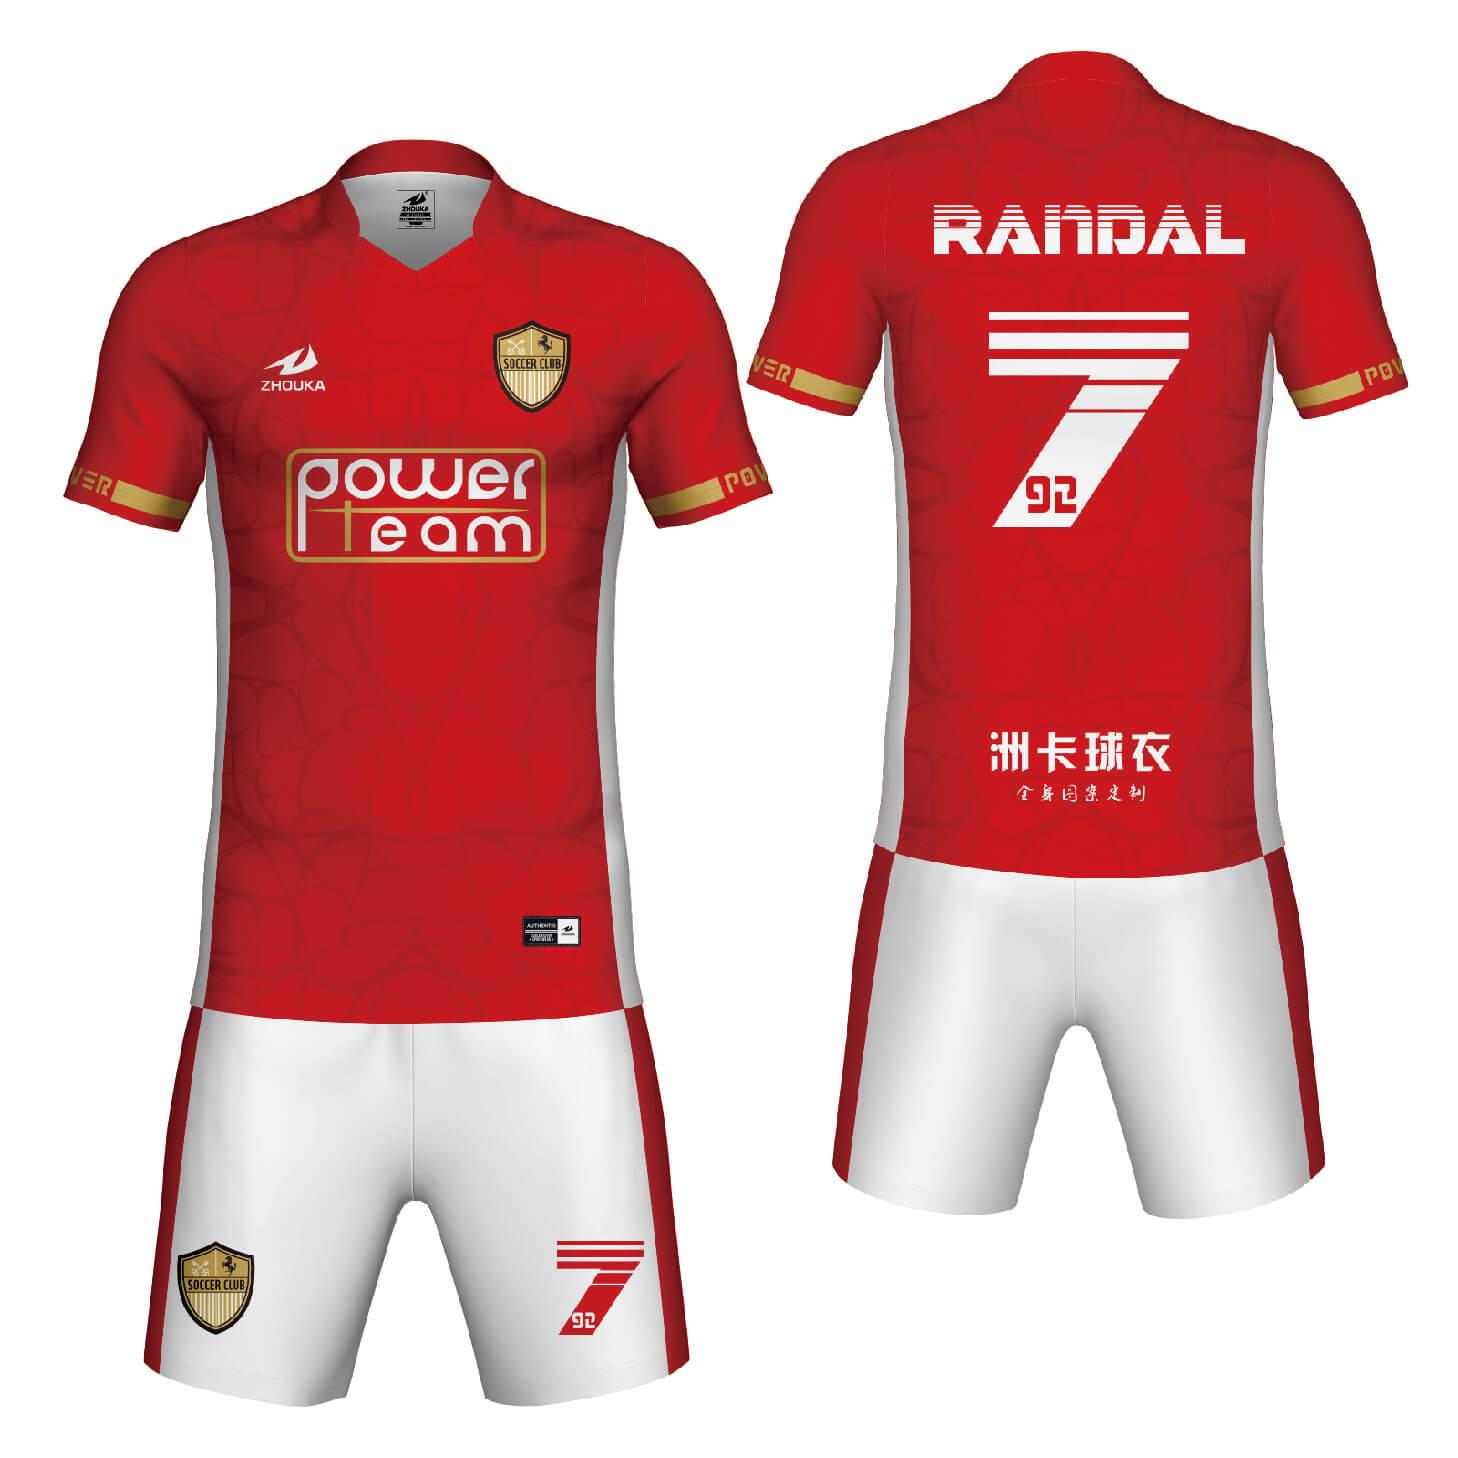 时尚足球足球球衣设计定制